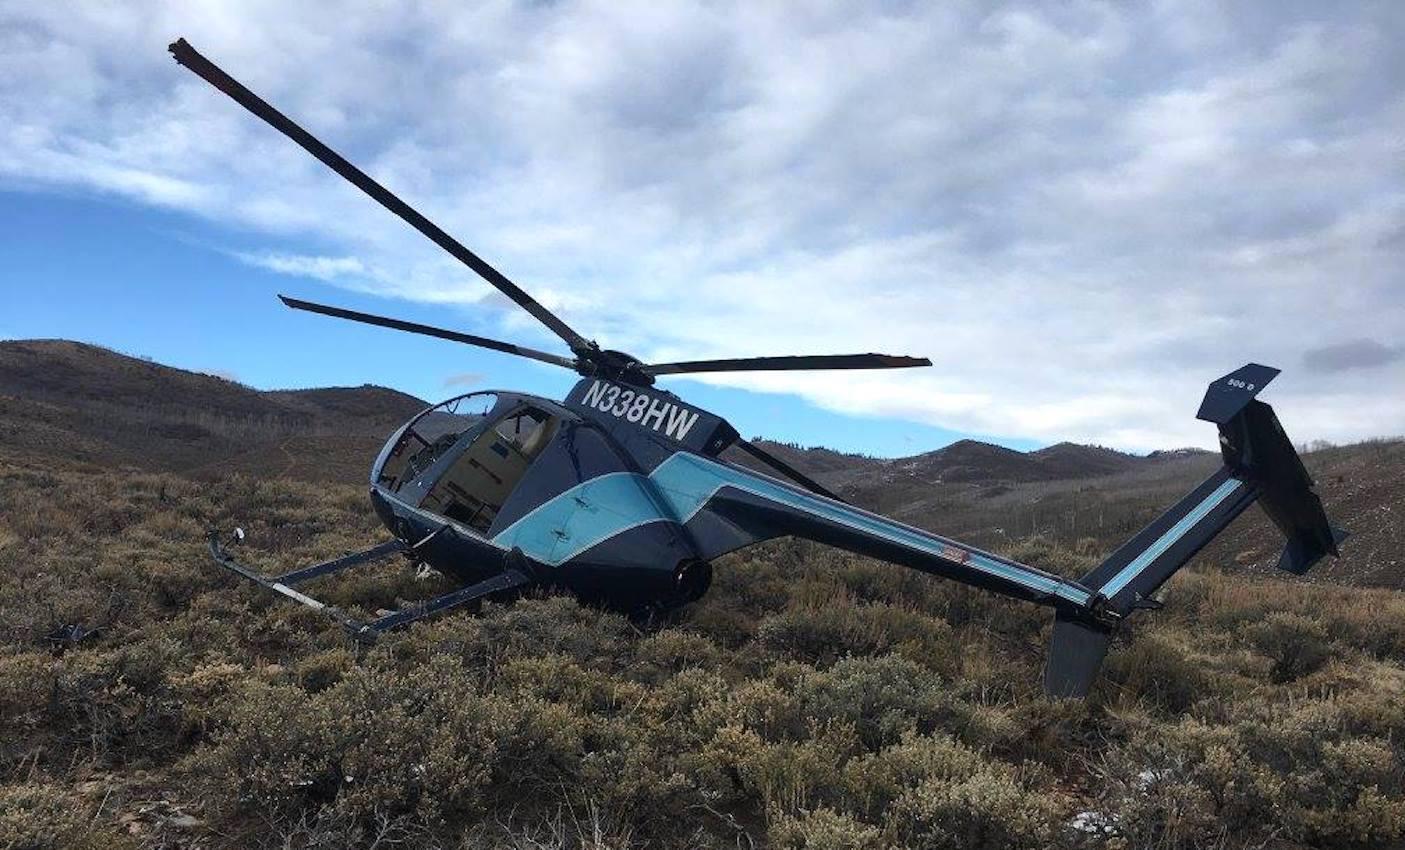 Las autoridades del condado de Wasatch indicaron que el alce saltó hacia el rotor de cola del helicóptero mientras volaba a unos 3 metros (10 pies) de altura sobre el suelo y trataba de capturar al animal con una red.